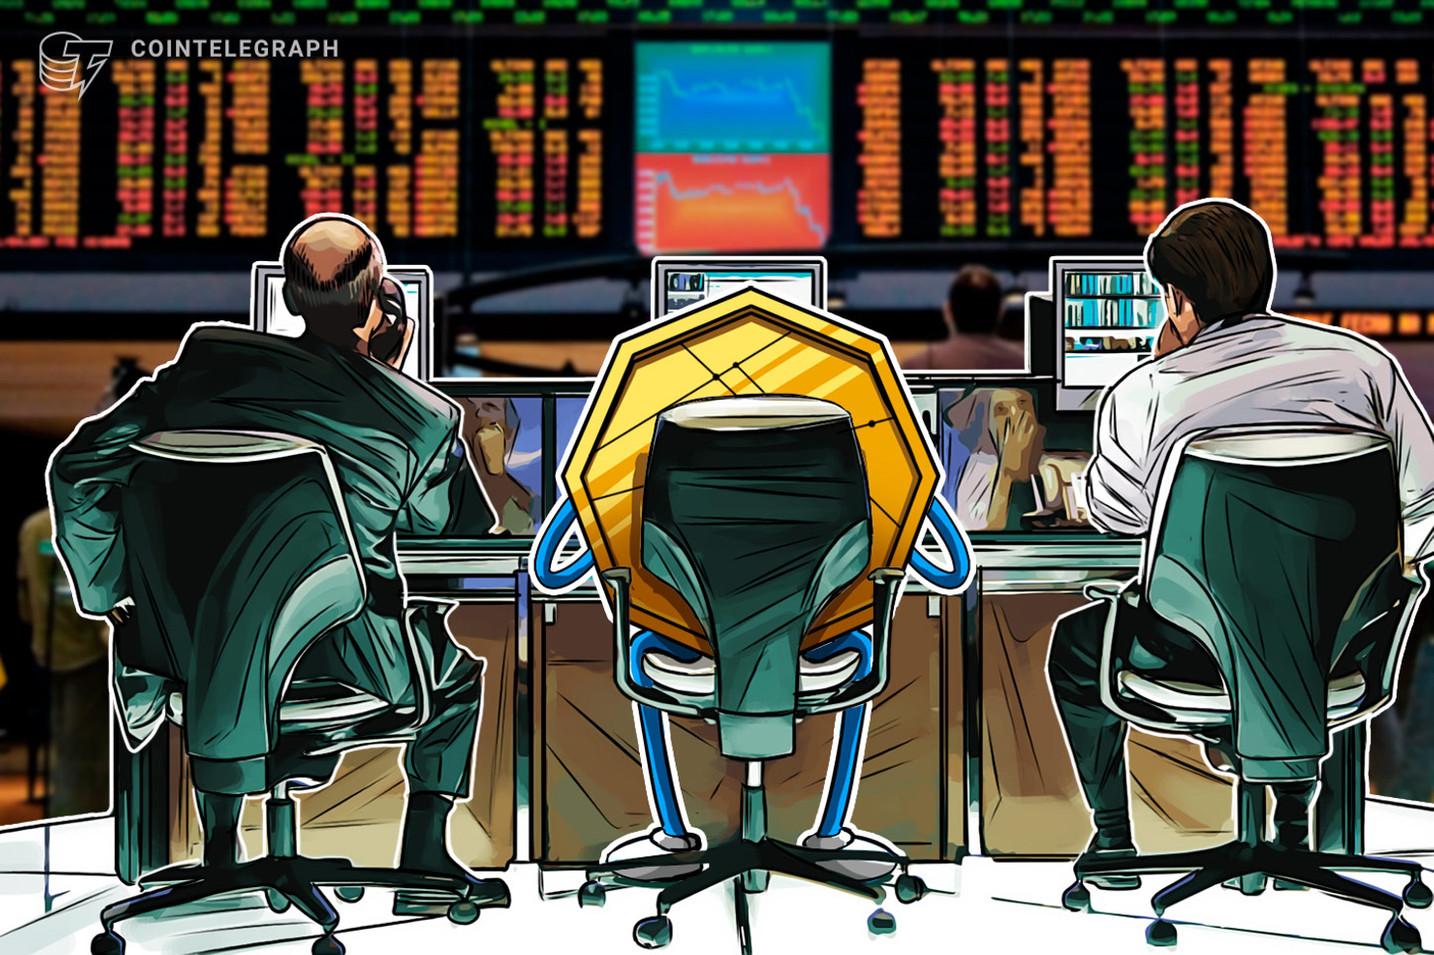 仮想通貨ビットコイン、500ドル取り戻す|イーサは9月プラス、XRP(リップル)は勢い維持